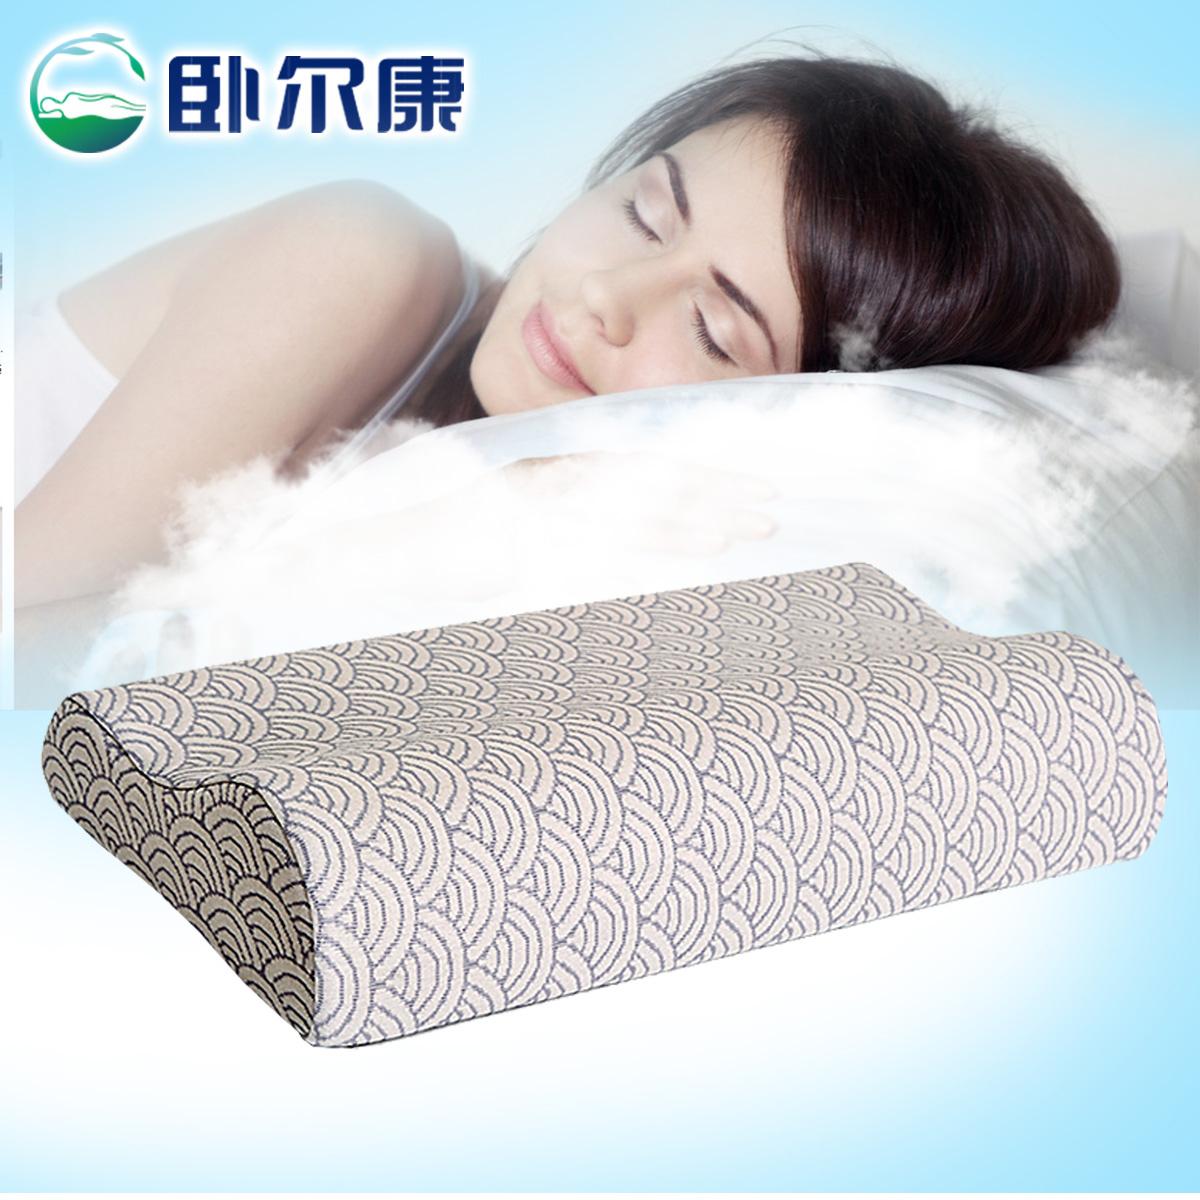 記憶枕の学生のシングル枕の芯はゆっくりと首を保護して頚椎枕の宇宙綿の枕を弾きます。